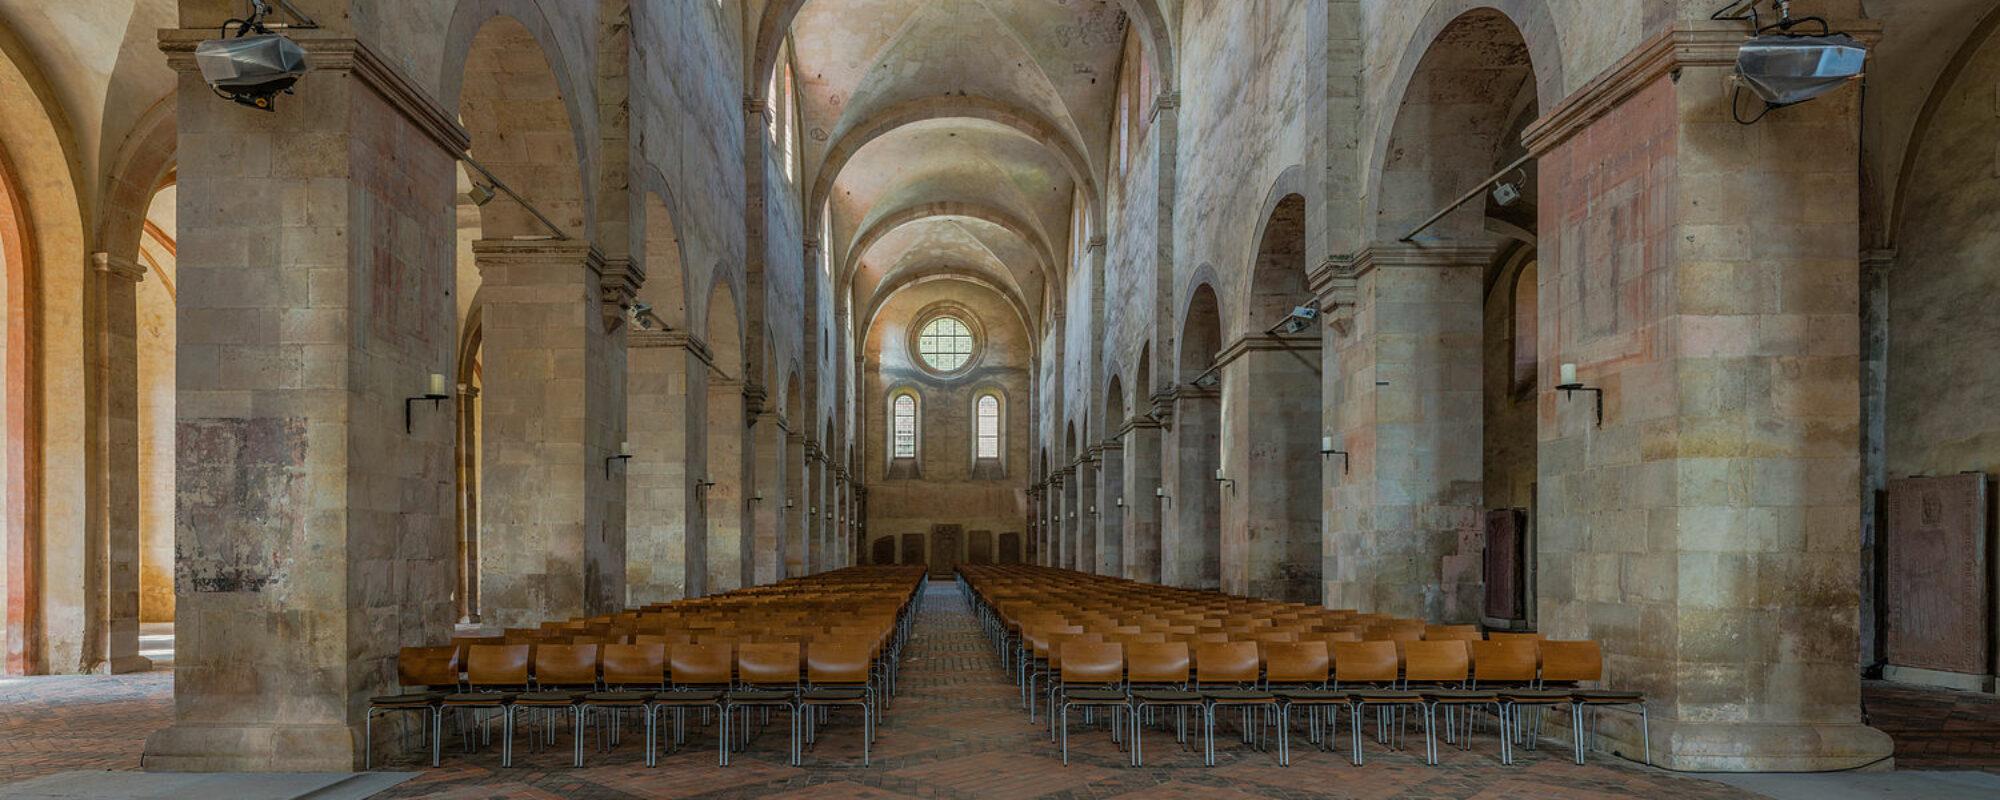 Kloster Erlenbach Innenansicht Kirchenschiff